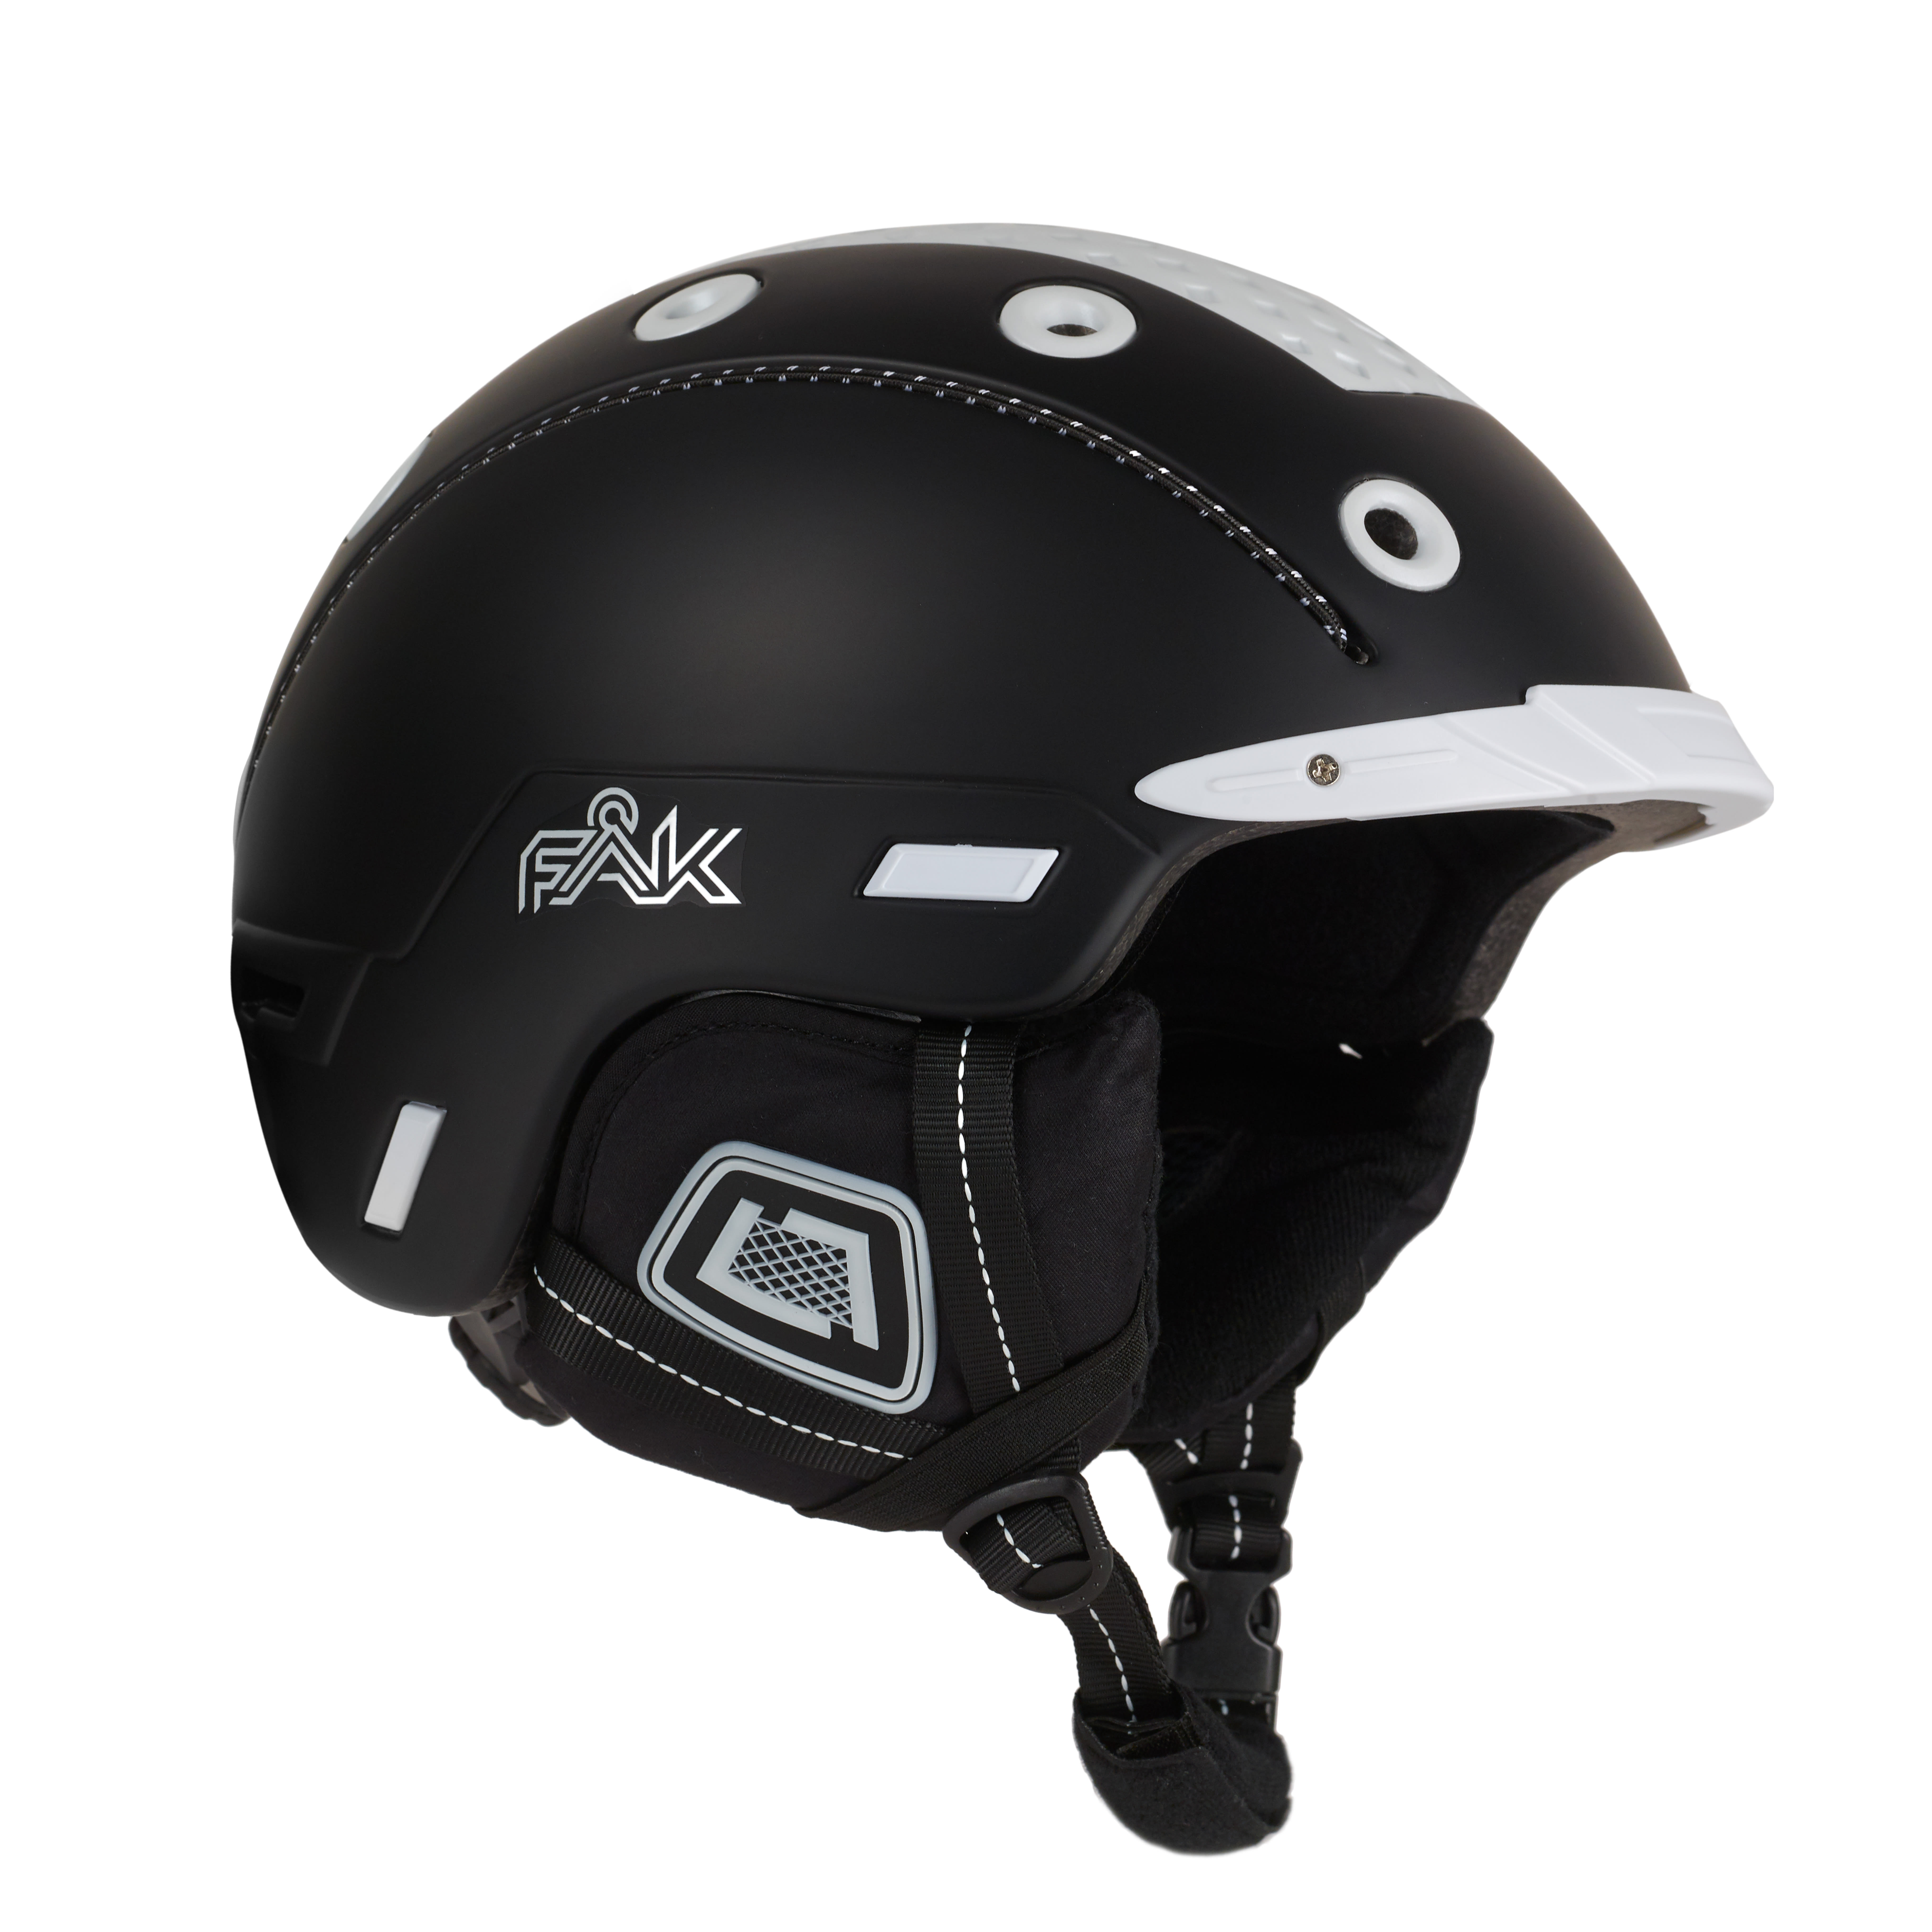 Köp FÅK Dundret Alpine Helmet hos Outnorth 137547de4e695